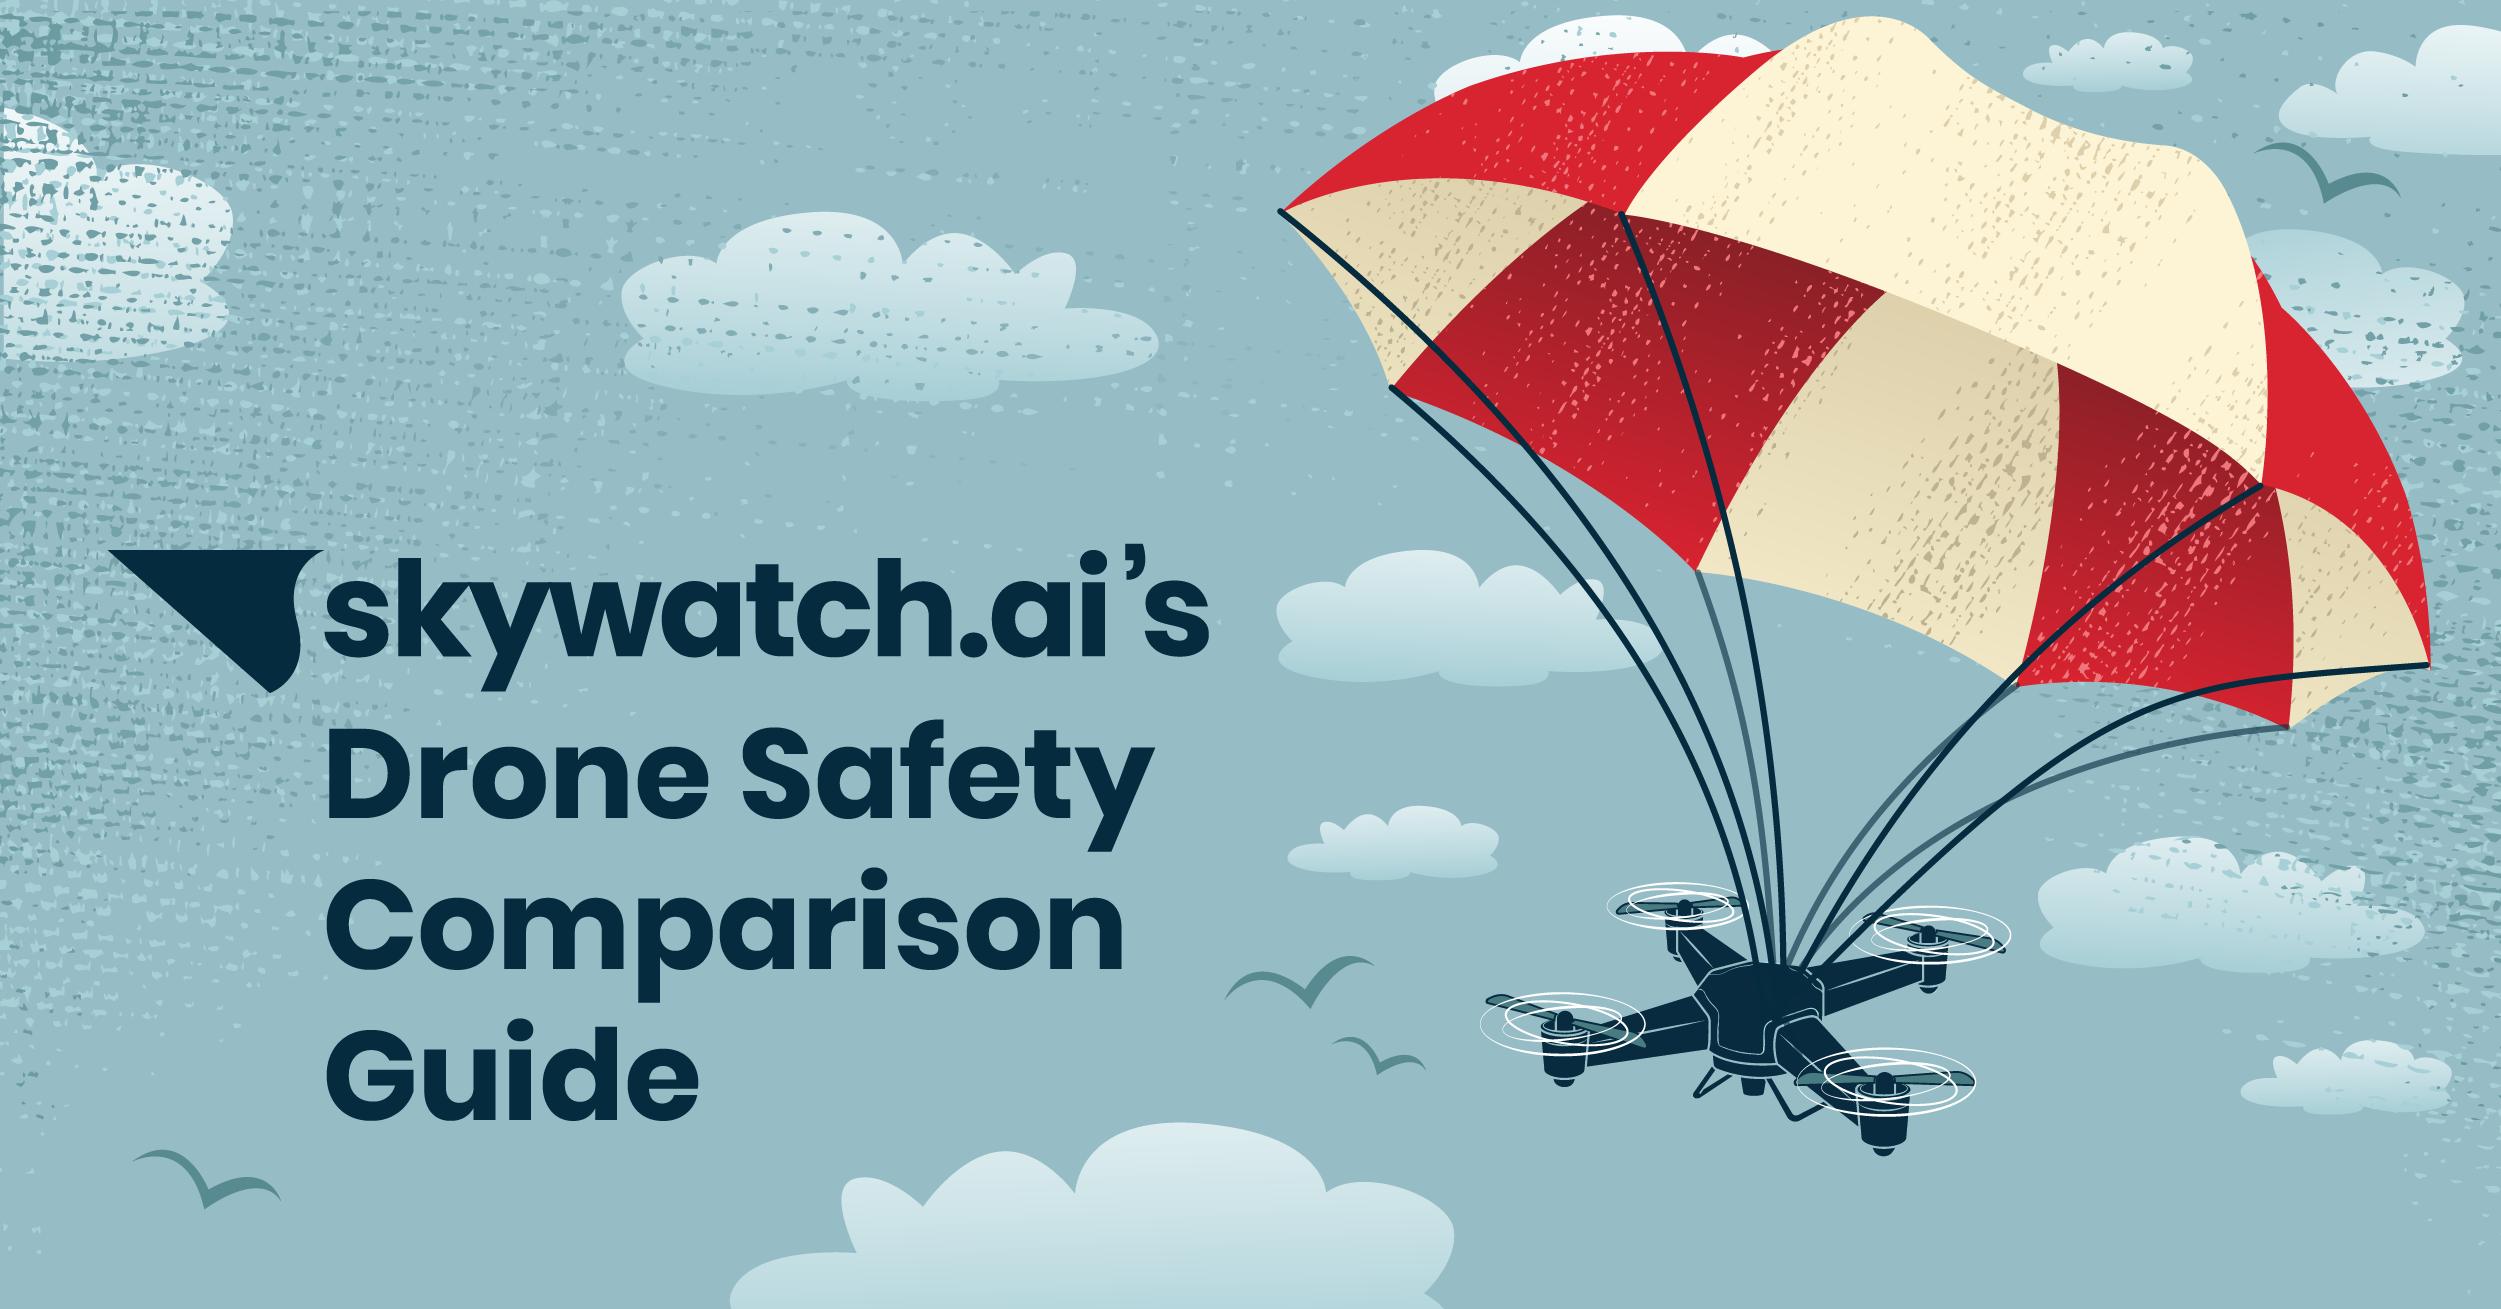 Drone Safety Comparison Guide